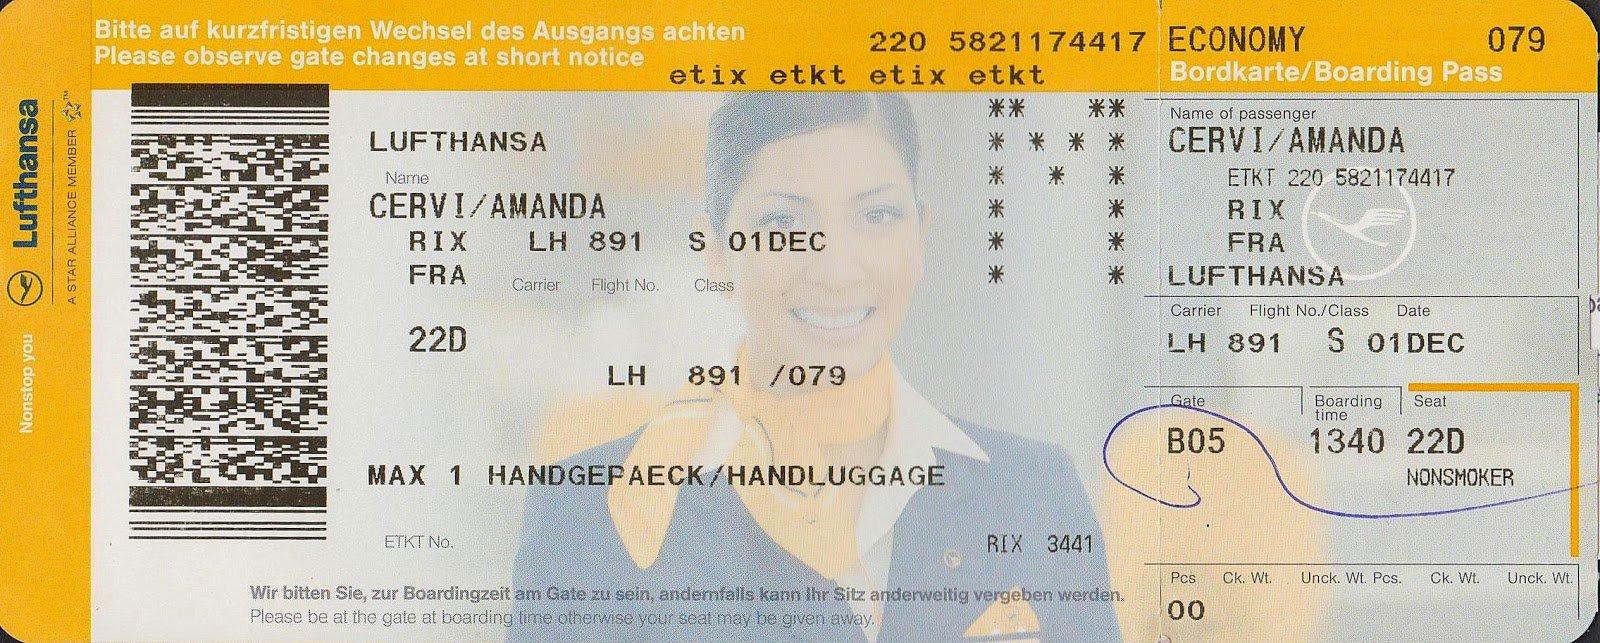 Come cambiare nome ad un volo Lufthansa